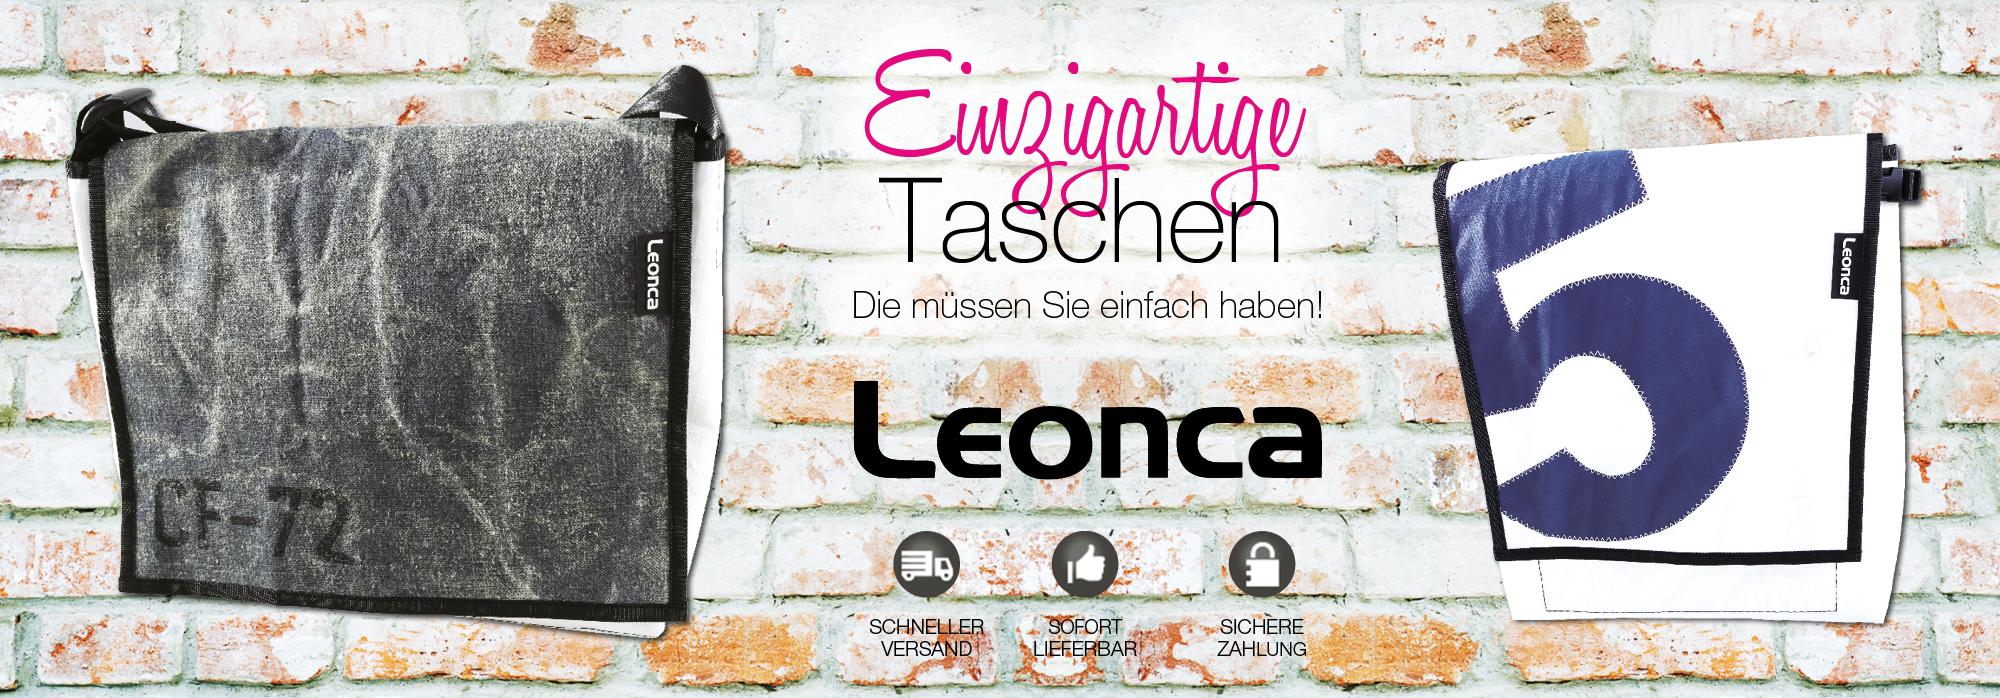 Leonca Designer Taschen